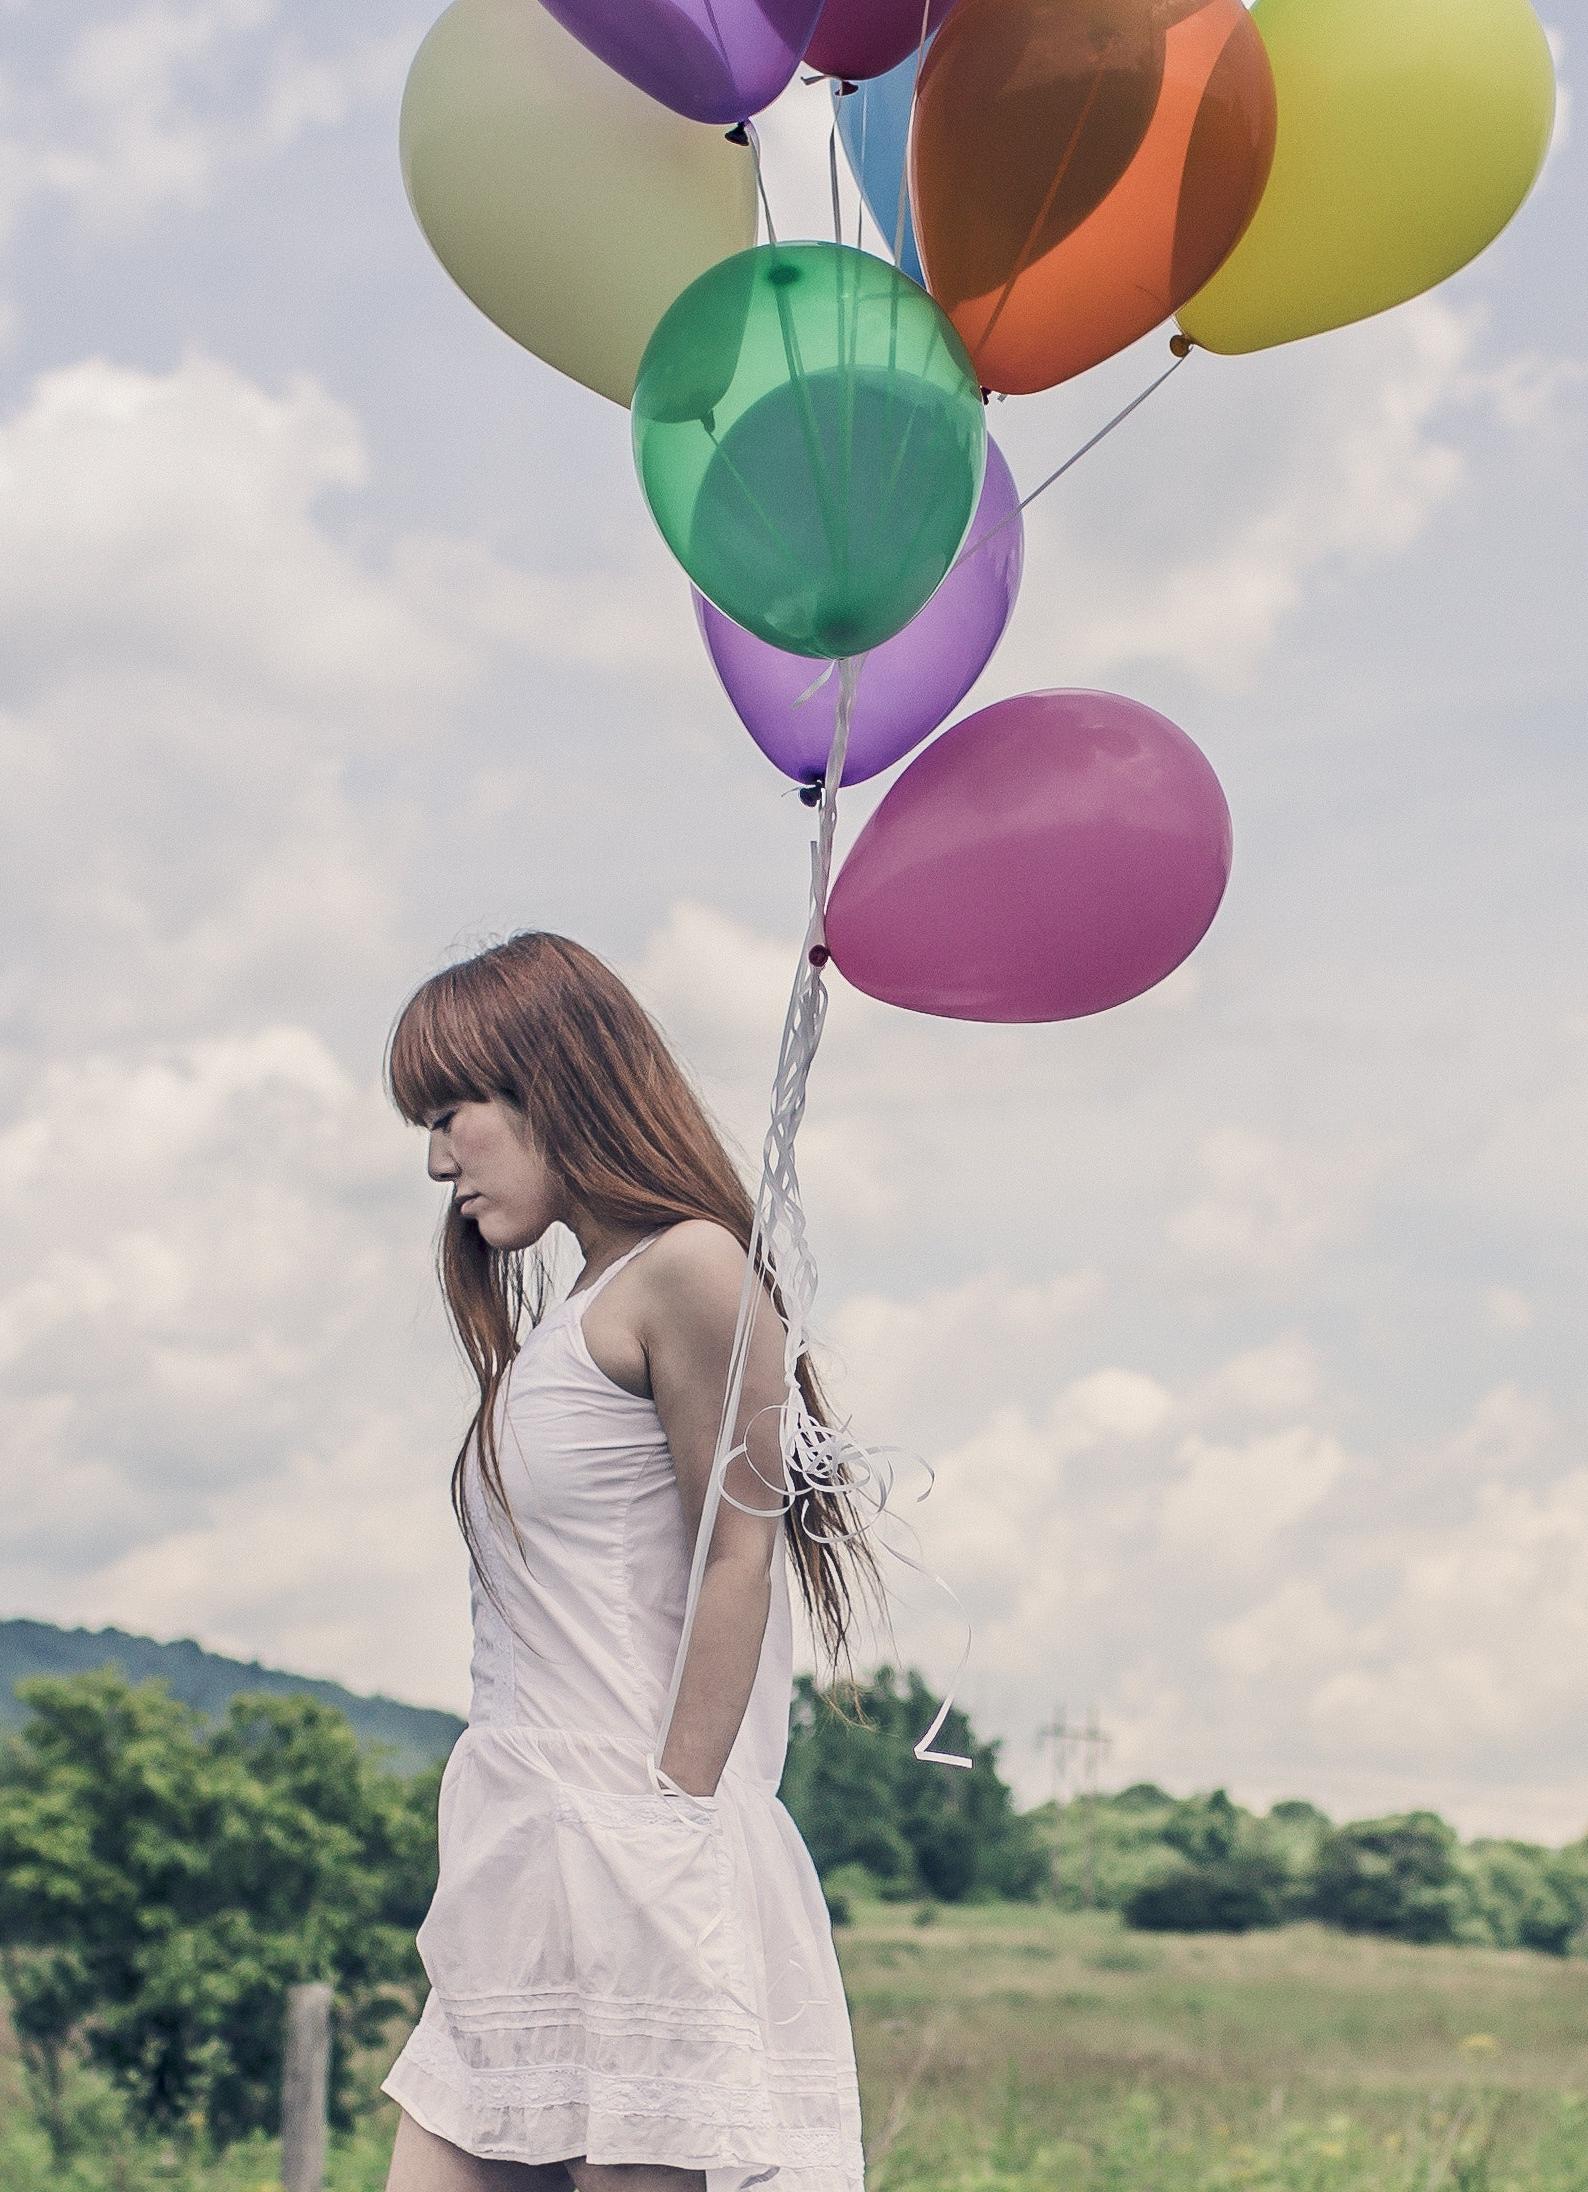 jeune fille avec ballons de couleurs